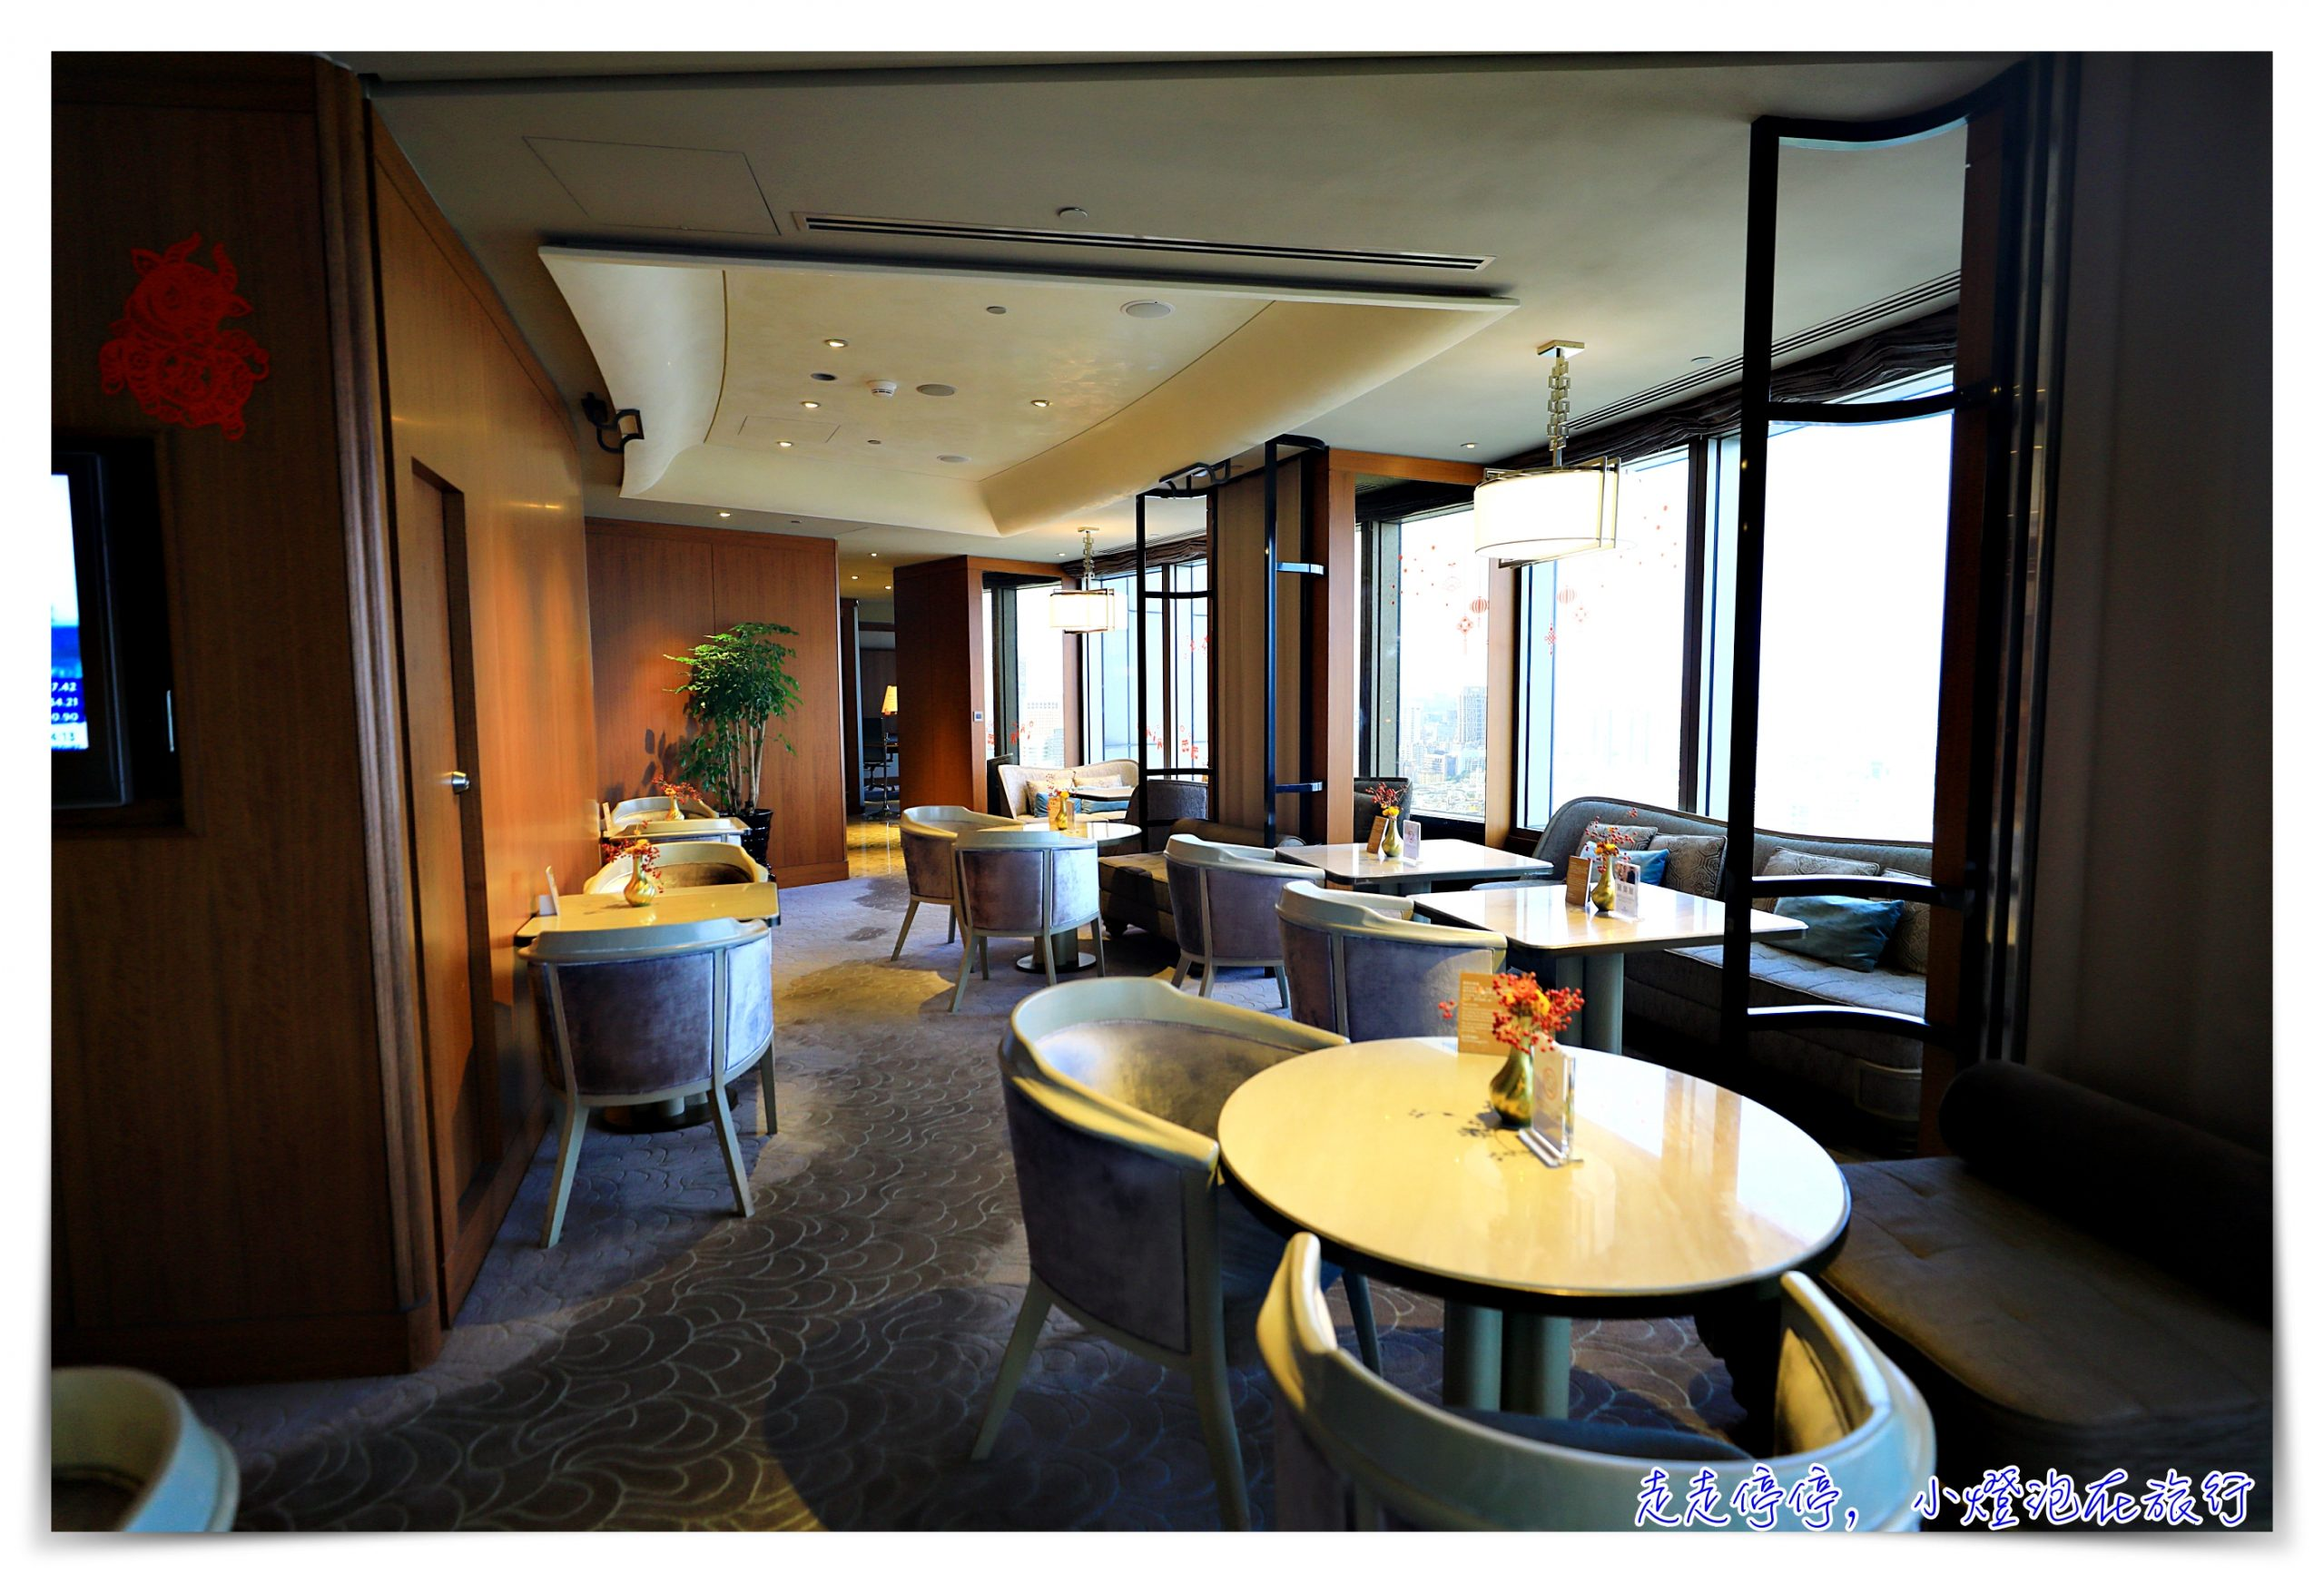 台北香格里拉超豪華客房+遠東Cafe|台北質感星級住宿,米其林五間黑房子推薦